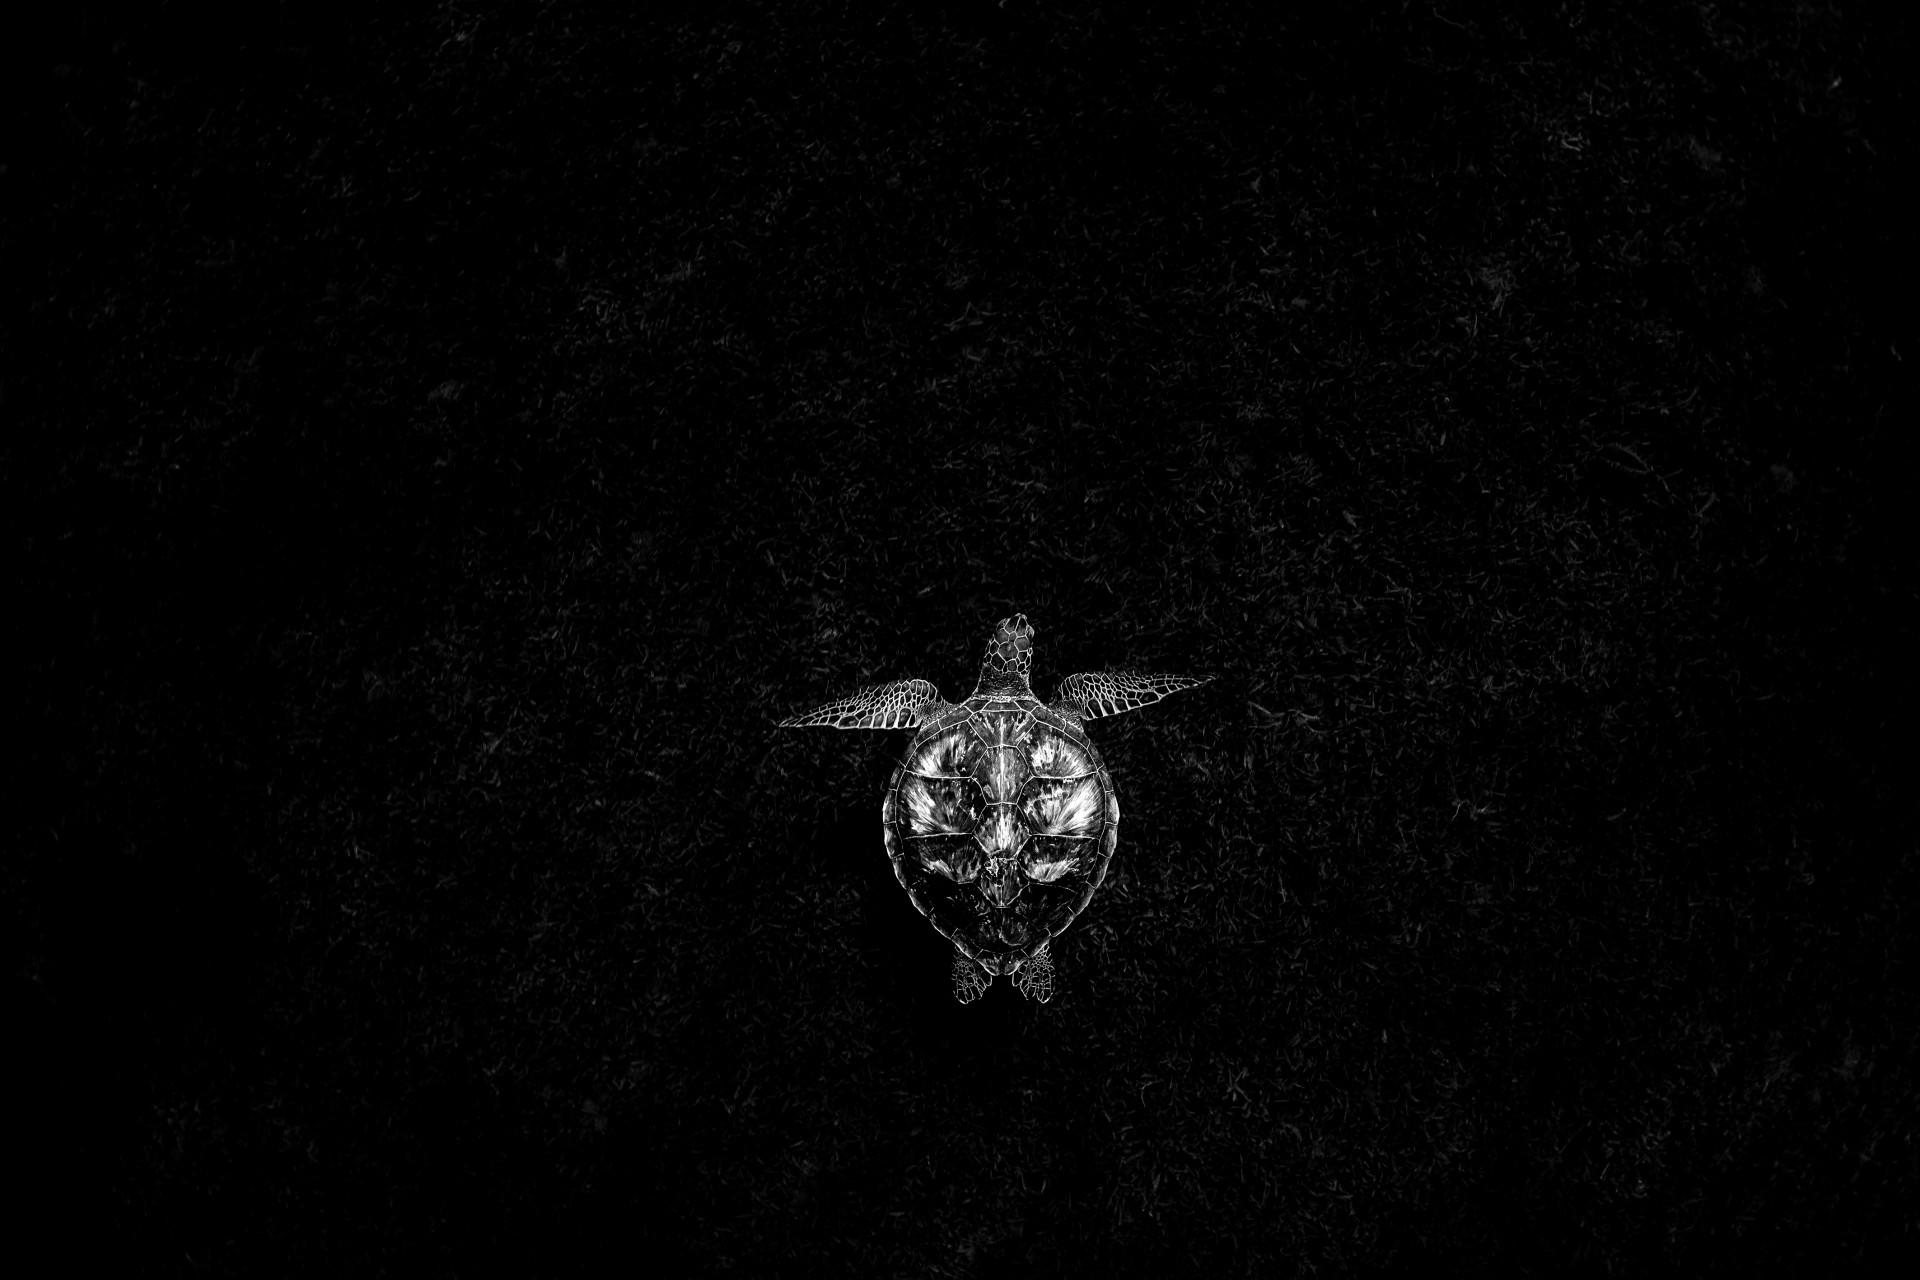 Fotó: Tökölyi Csaba: Nyugalom<br />Kategória: Fekete-fehér természetfotók<br />Helyezés: 2. díj<br /><br />A tengeri fű fedte aljzat felett méltóságteljesen úszó teknős a karib-tengeri Guadeloupe partjainál.